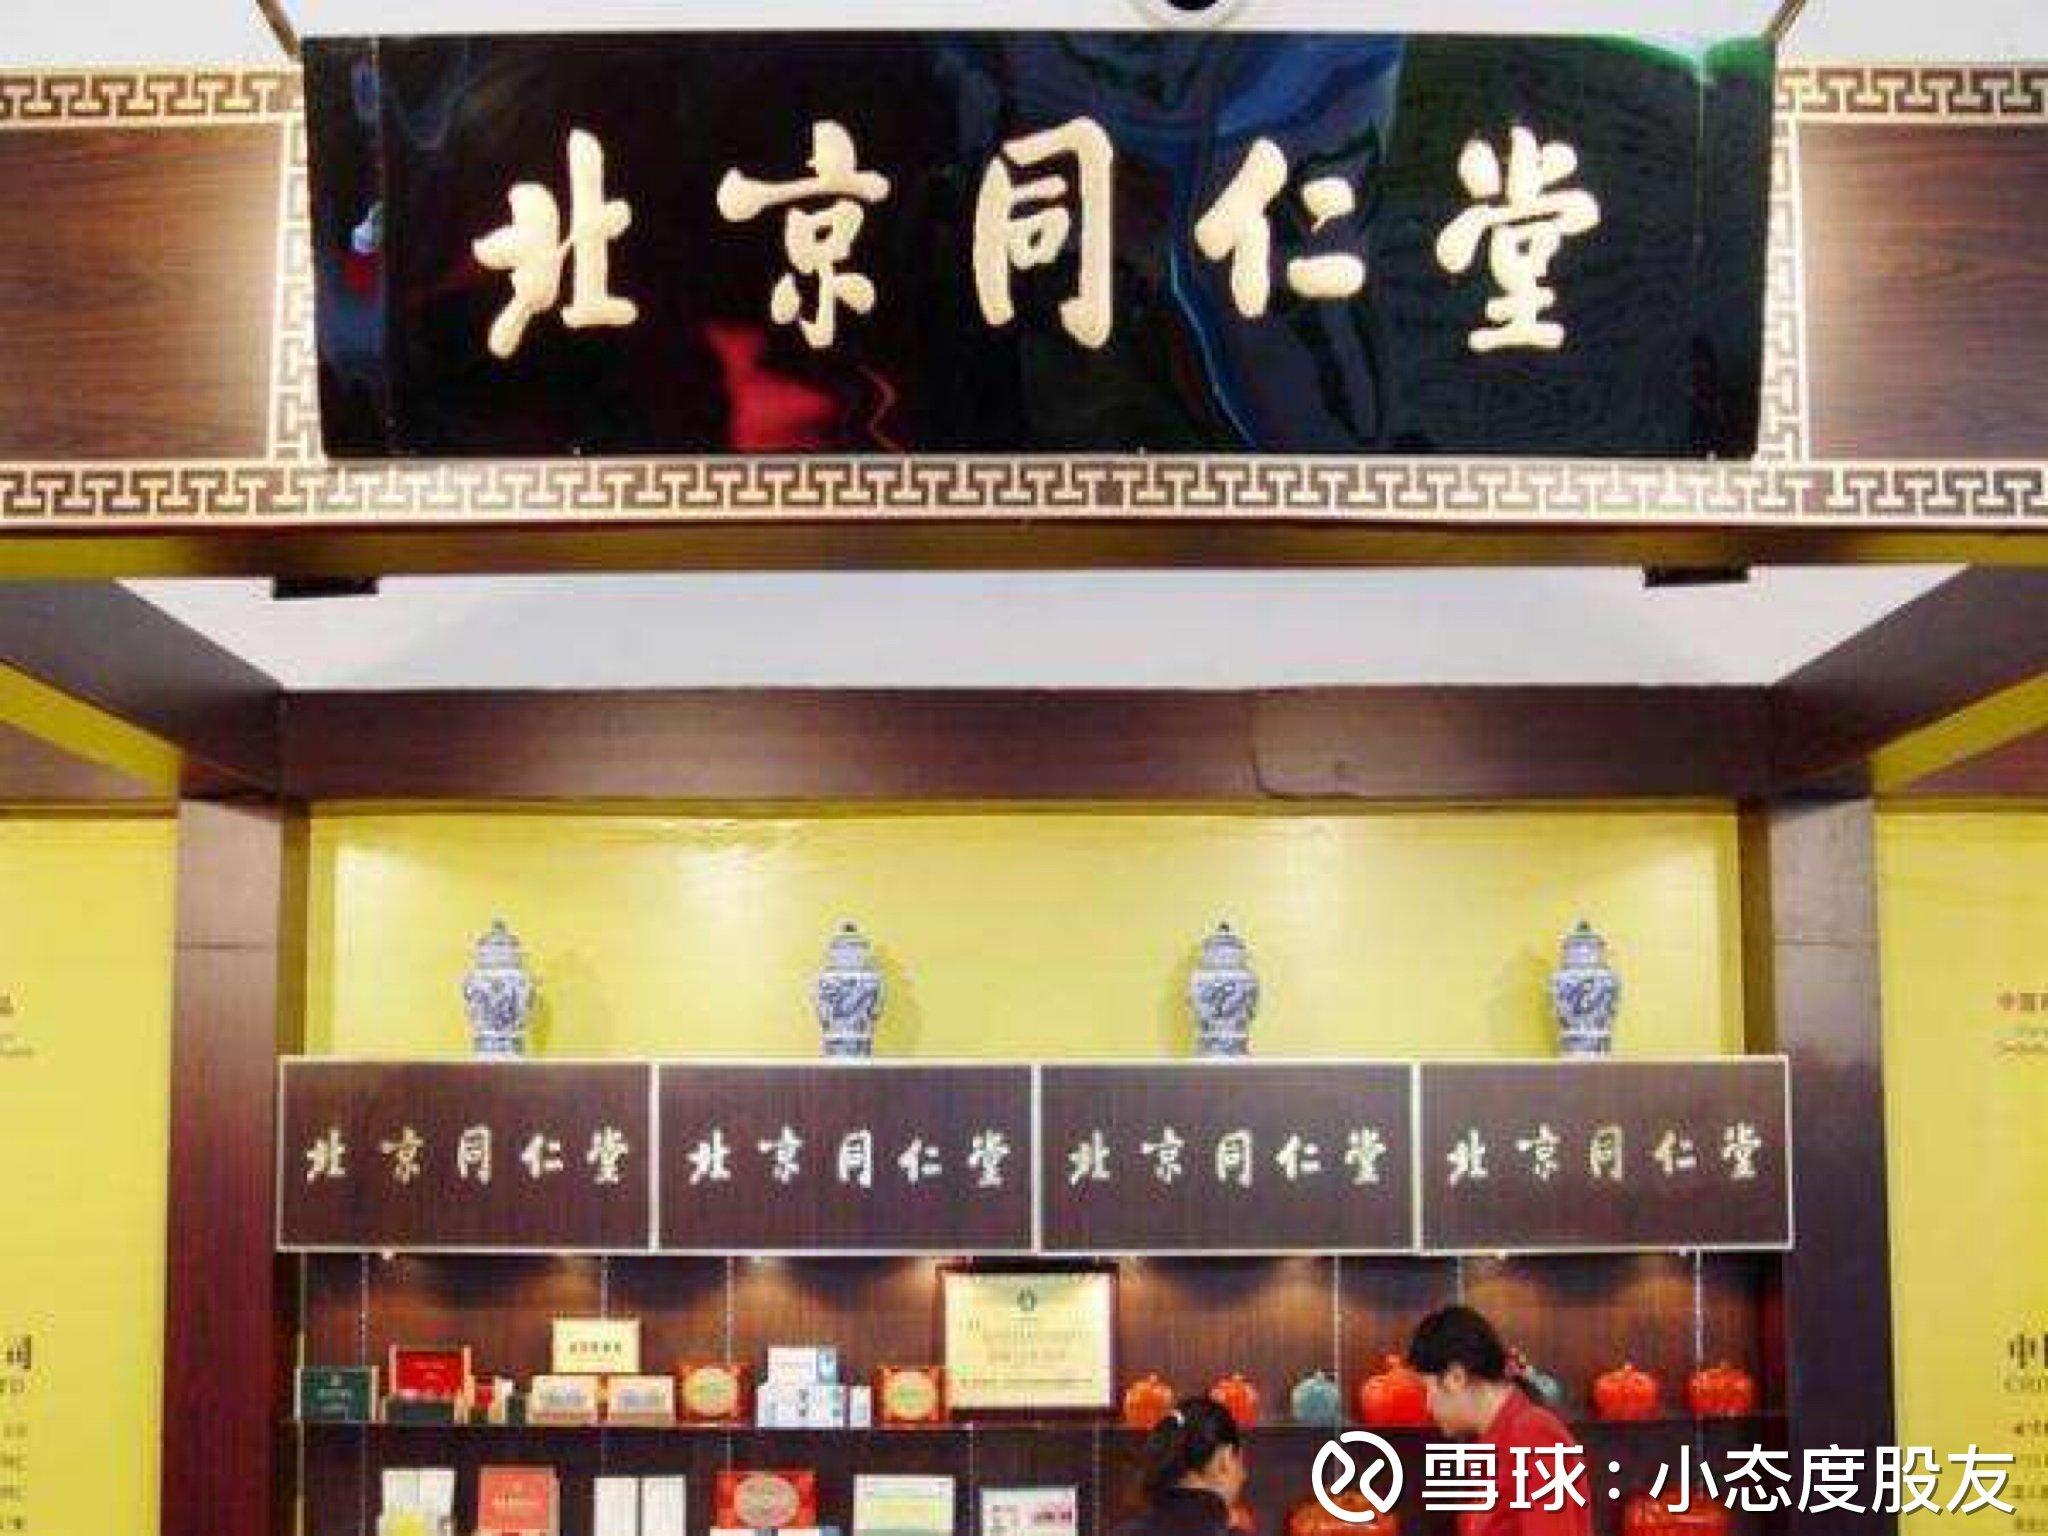 1. 黑天鹅事件!同仁堂被曝用过期蜂蜜官方开展调